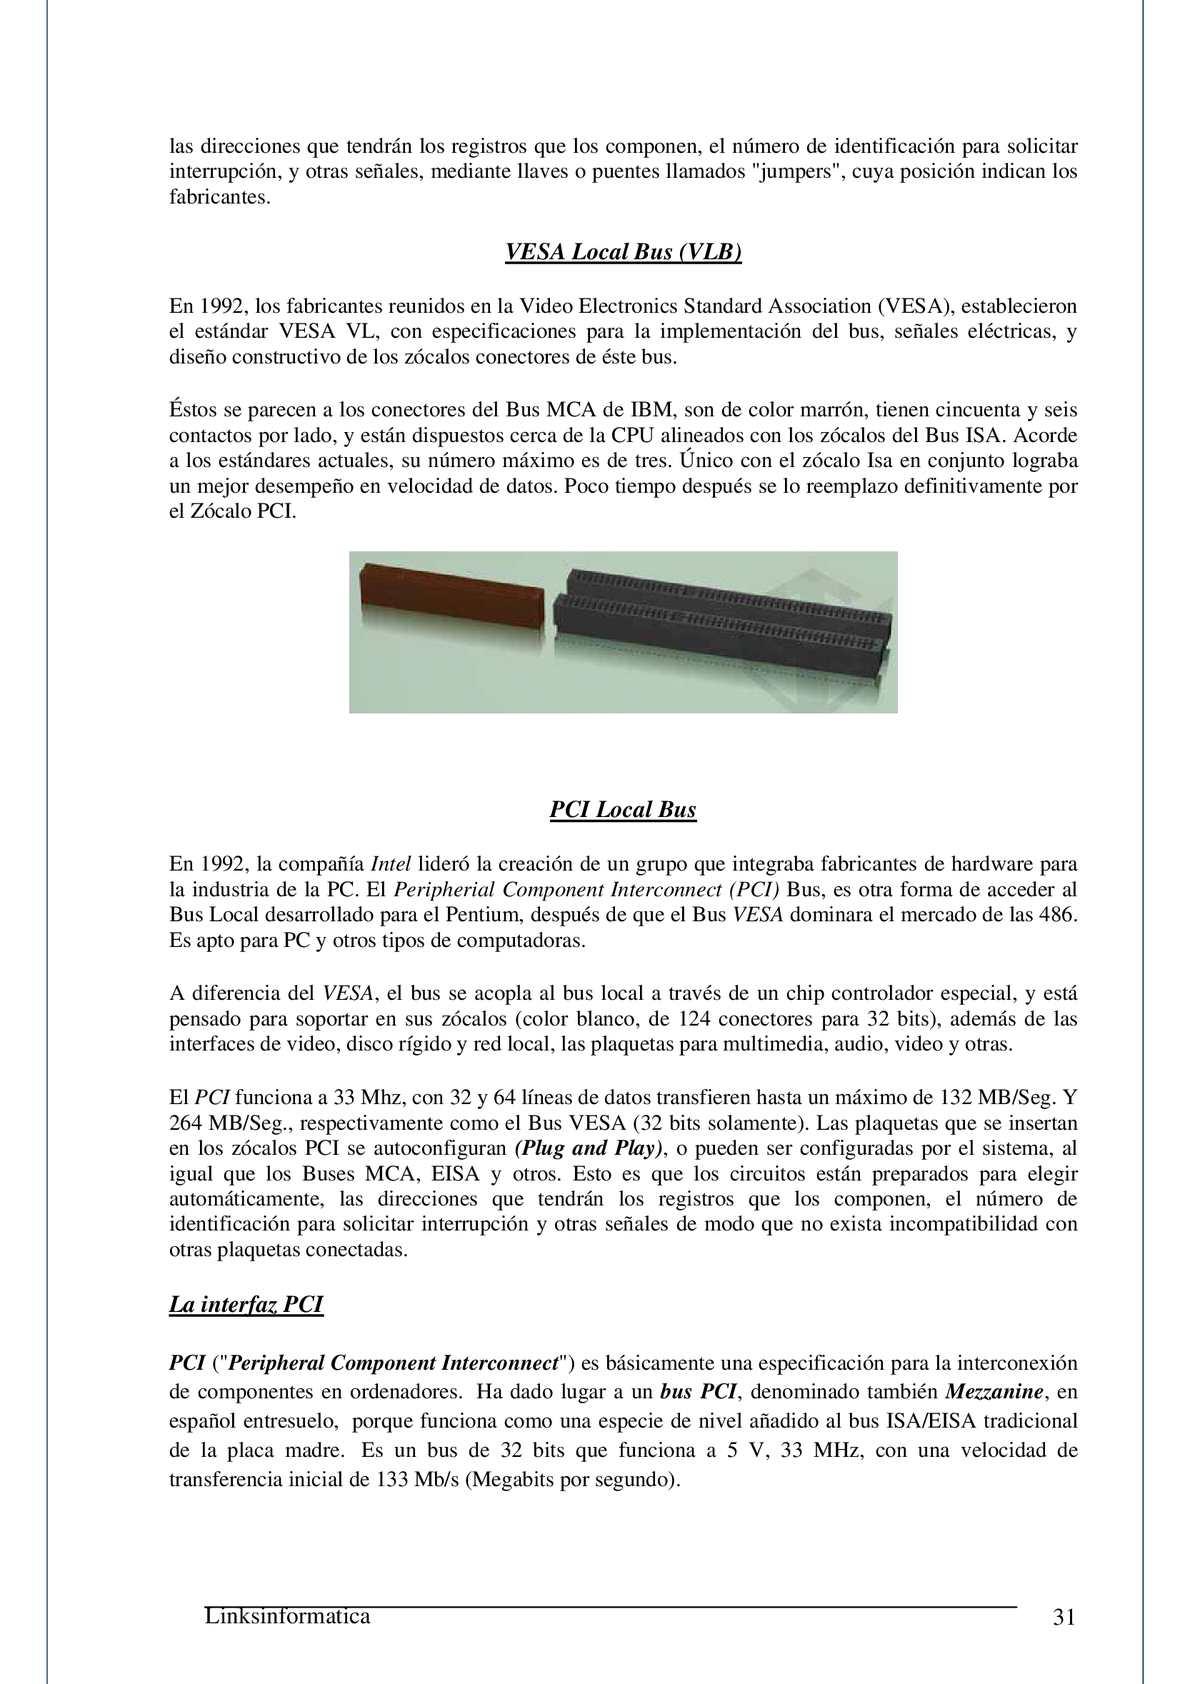 Manual de armado y reparacin de pc calameo downloader page 32 ccuart Image collections